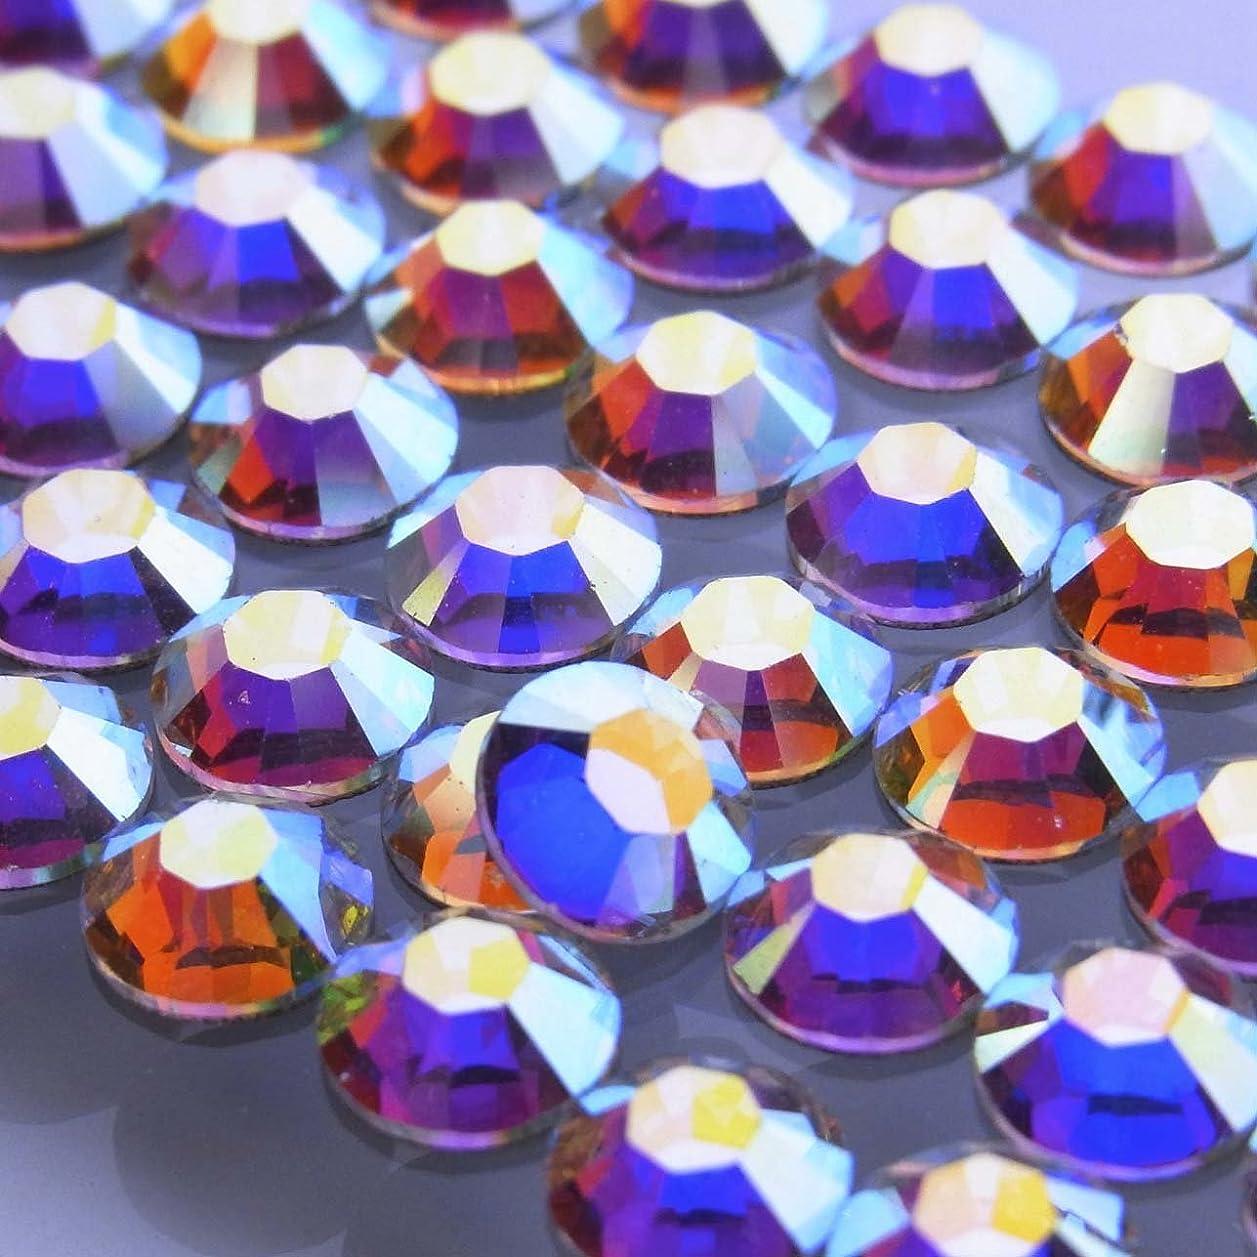 忠誠バックアップ温室Hotfixクリスタルオーロラss12(100粒入り)スワロフスキーラインストーンホットフィックス